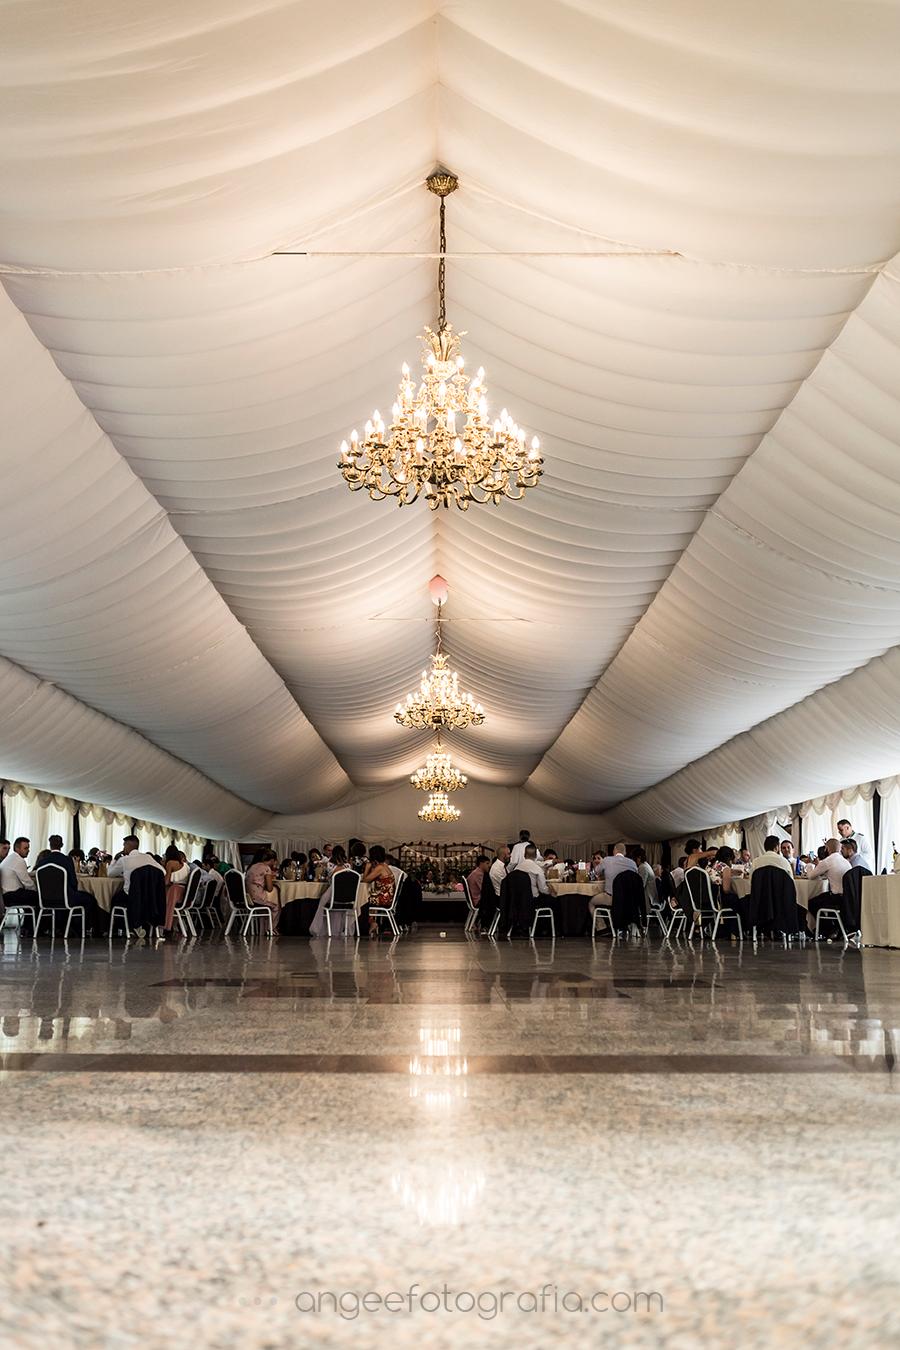 Carpa de los Olivos en Navia angeefotografia boda Raquel y Jorge